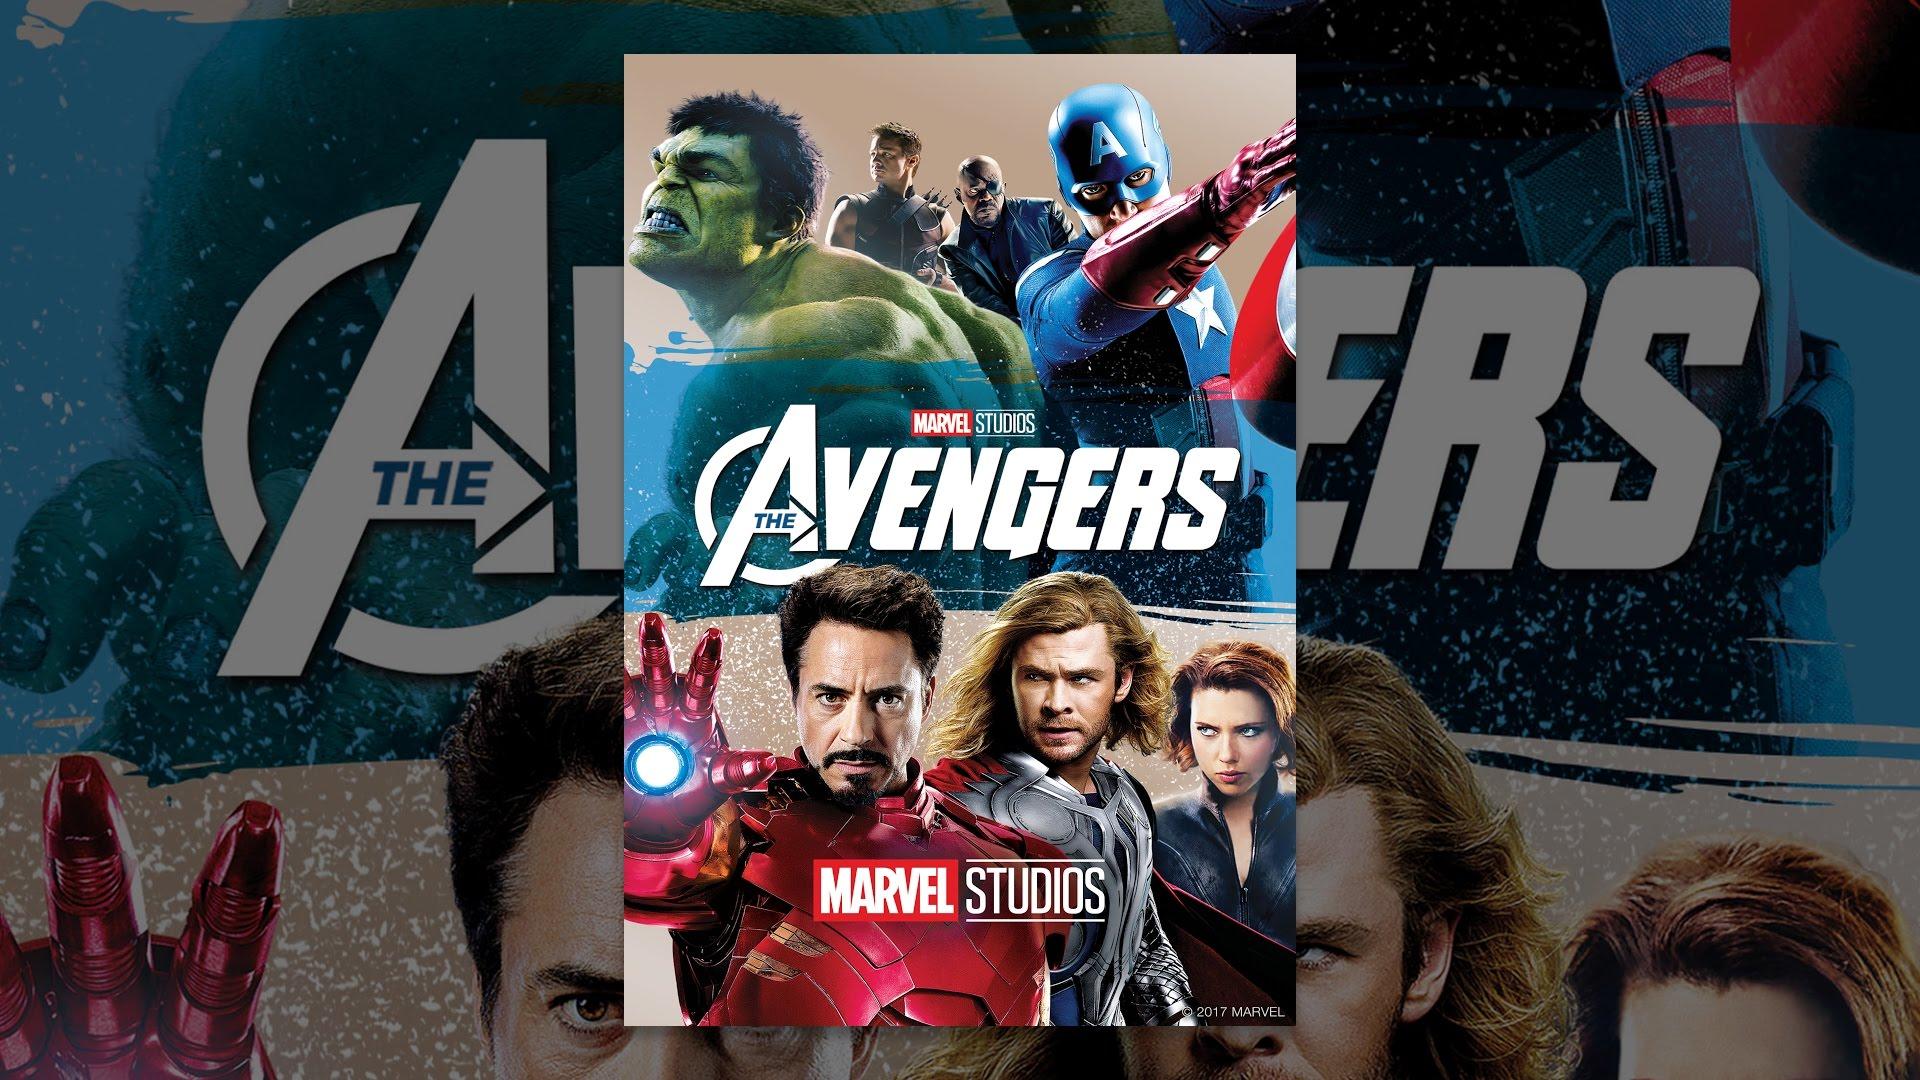 Marvel Studios' The Avengers